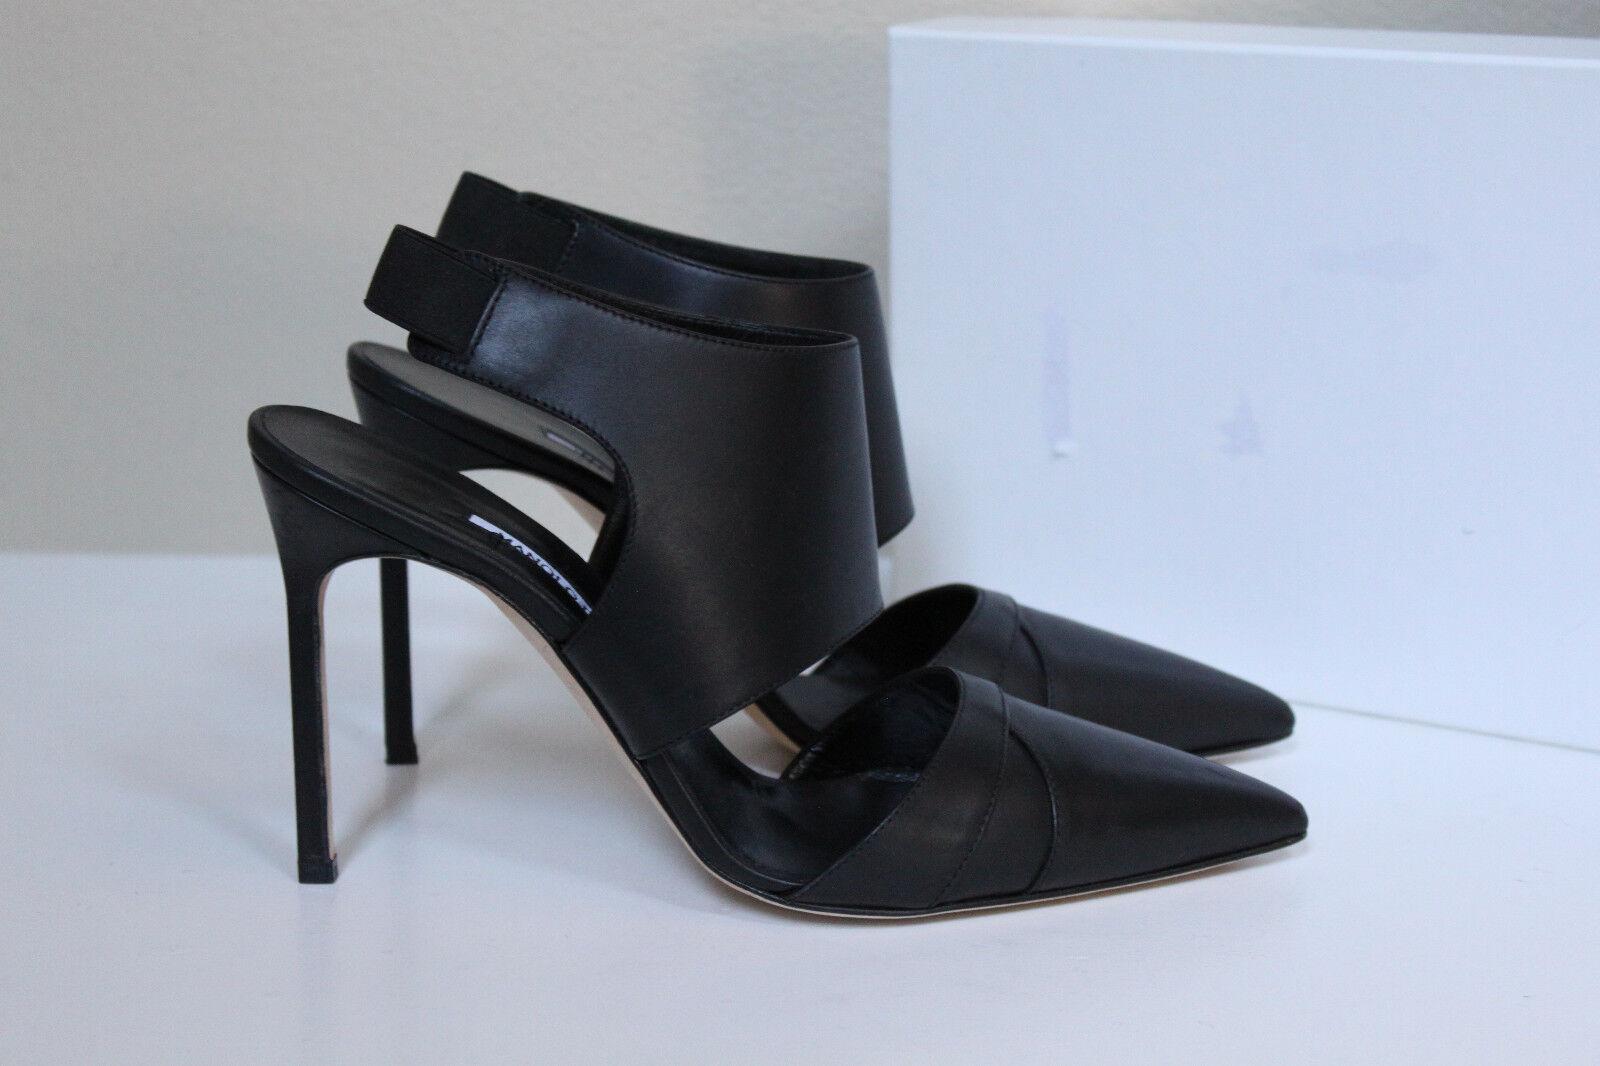 Nuevas Talla 10.5 40.5 Manolo Blahnik Blahnik Blahnik de cuero negro zapatos de bomba de envoltura de tobillo loyalclo  tienda de pescado para la venta